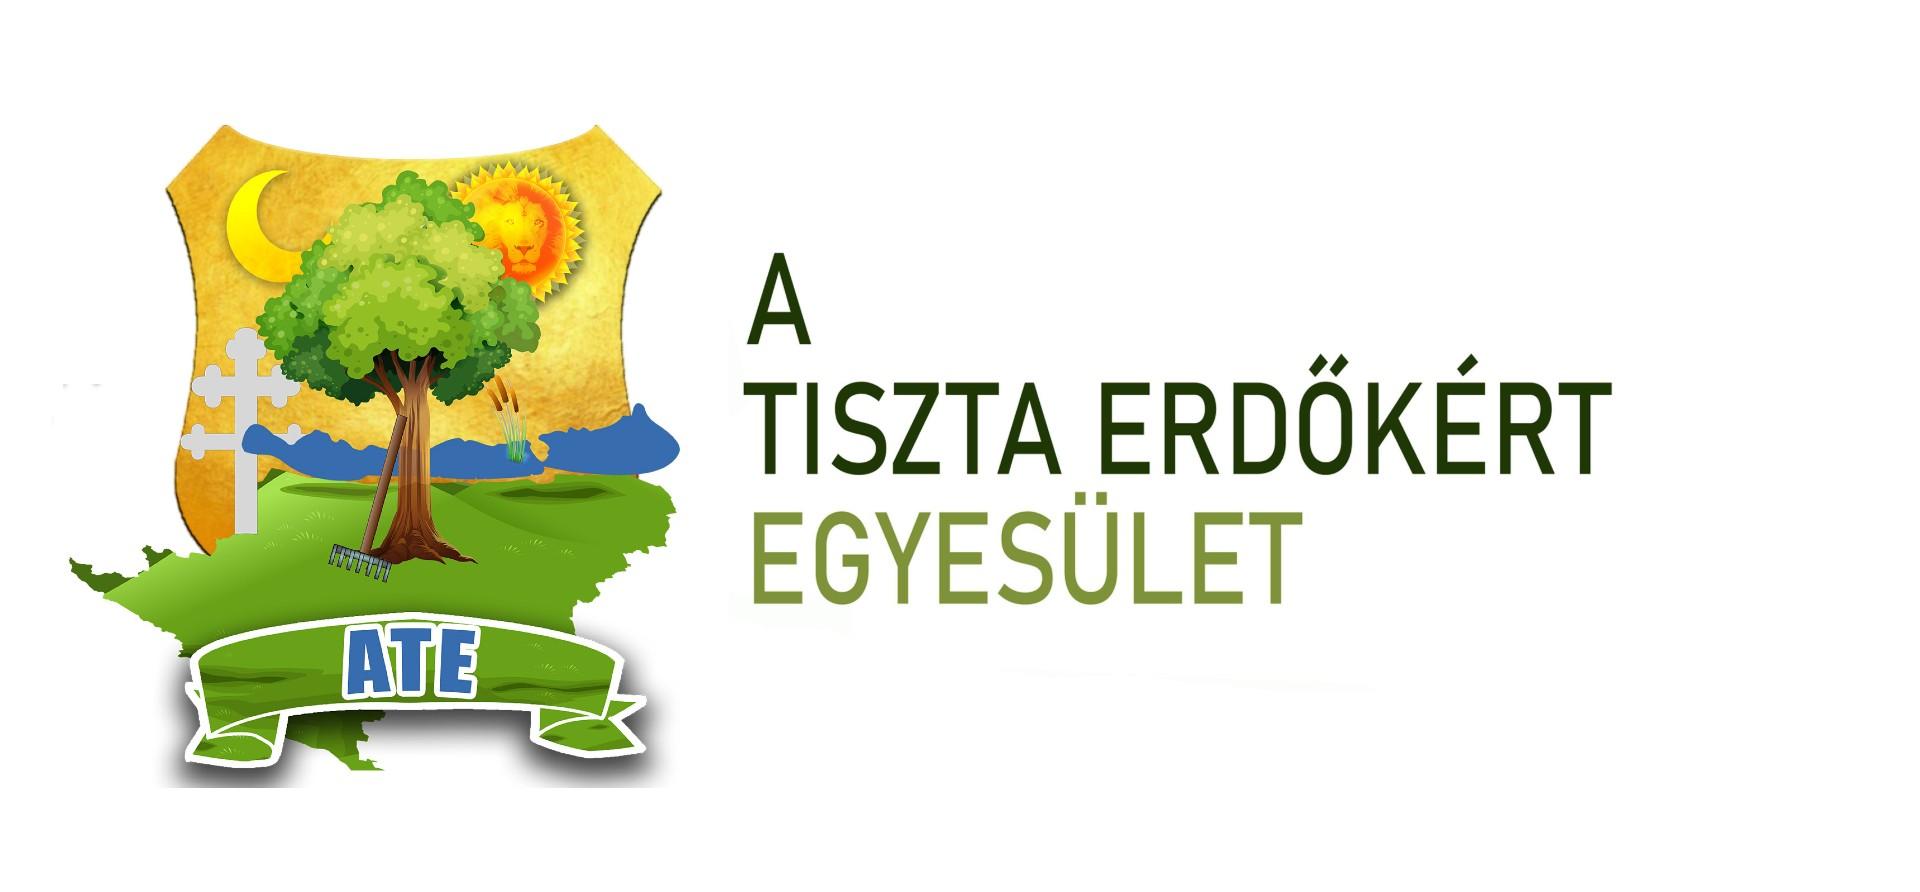 A Tiszta Erdőkért Egyesület